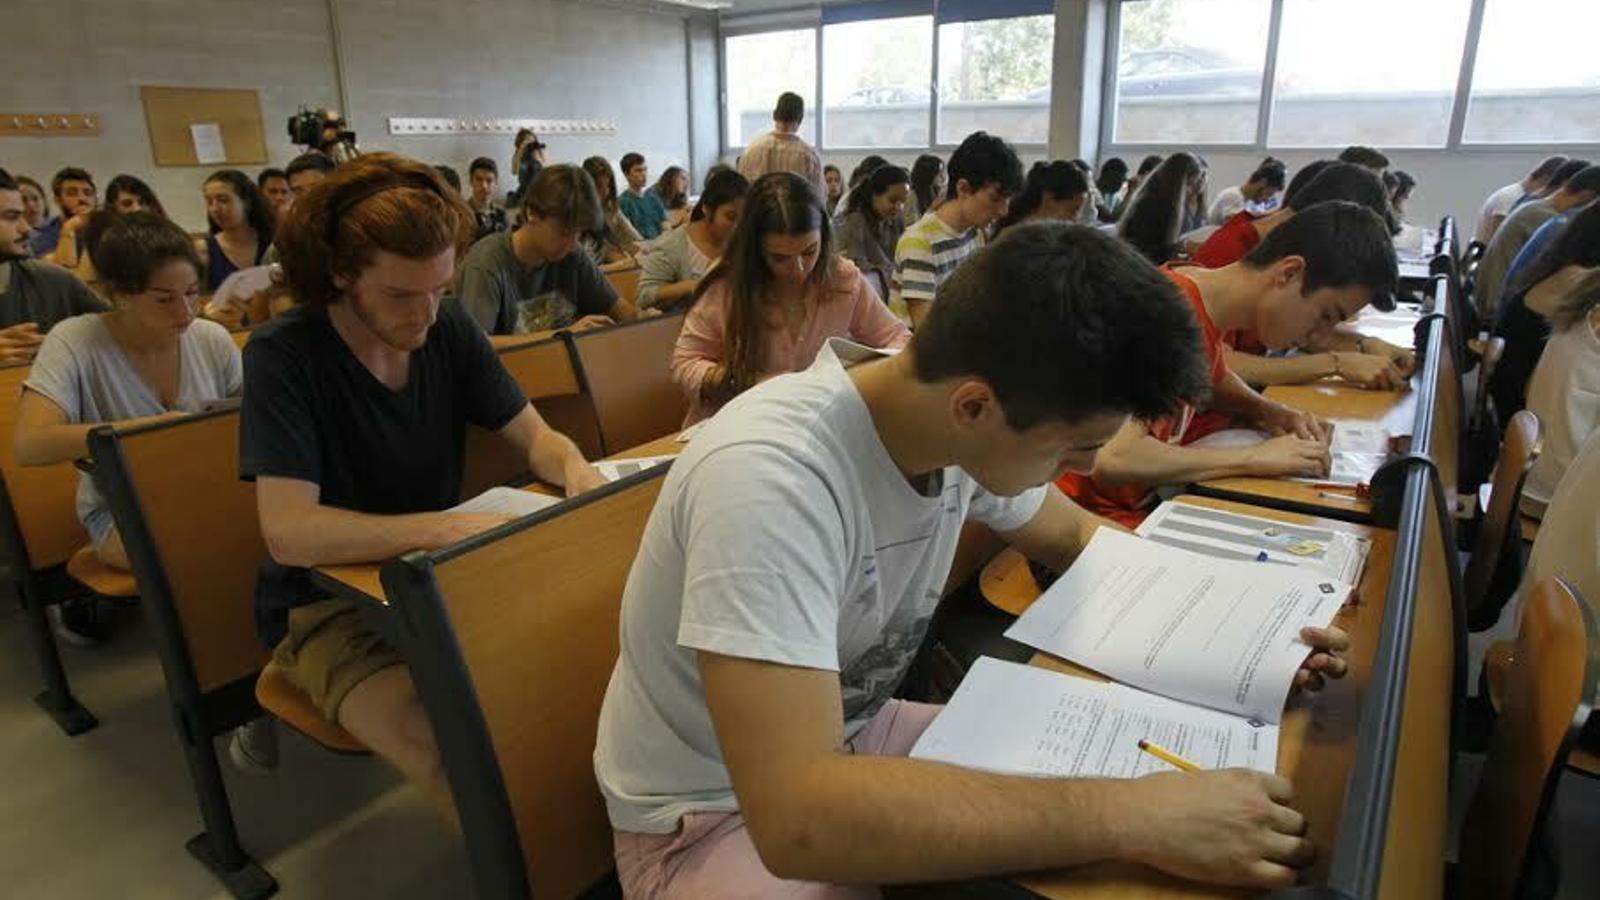 Les proves avaluaran quatre àrees, a cada una de les quals s'haurà d'obtenir com a mínim un 60% de puntuació.